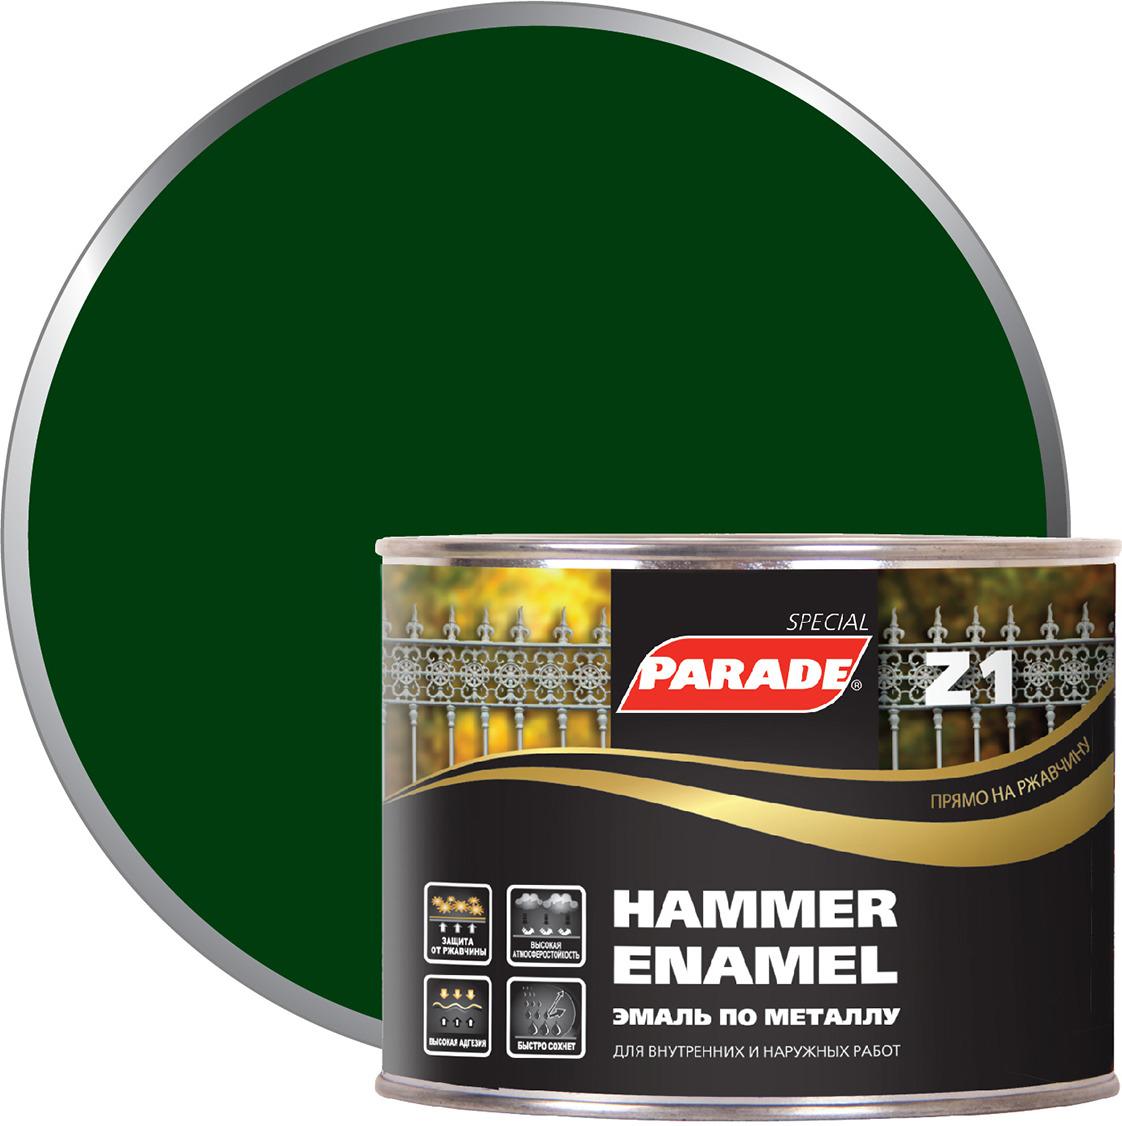 Фото - Эмаль по металлу Parade Z1, гладкая, 543-188 темно-зеленый, 450 мл финишный гвоздь swfs свфс din1152 1 8х40 25кг тов 041025